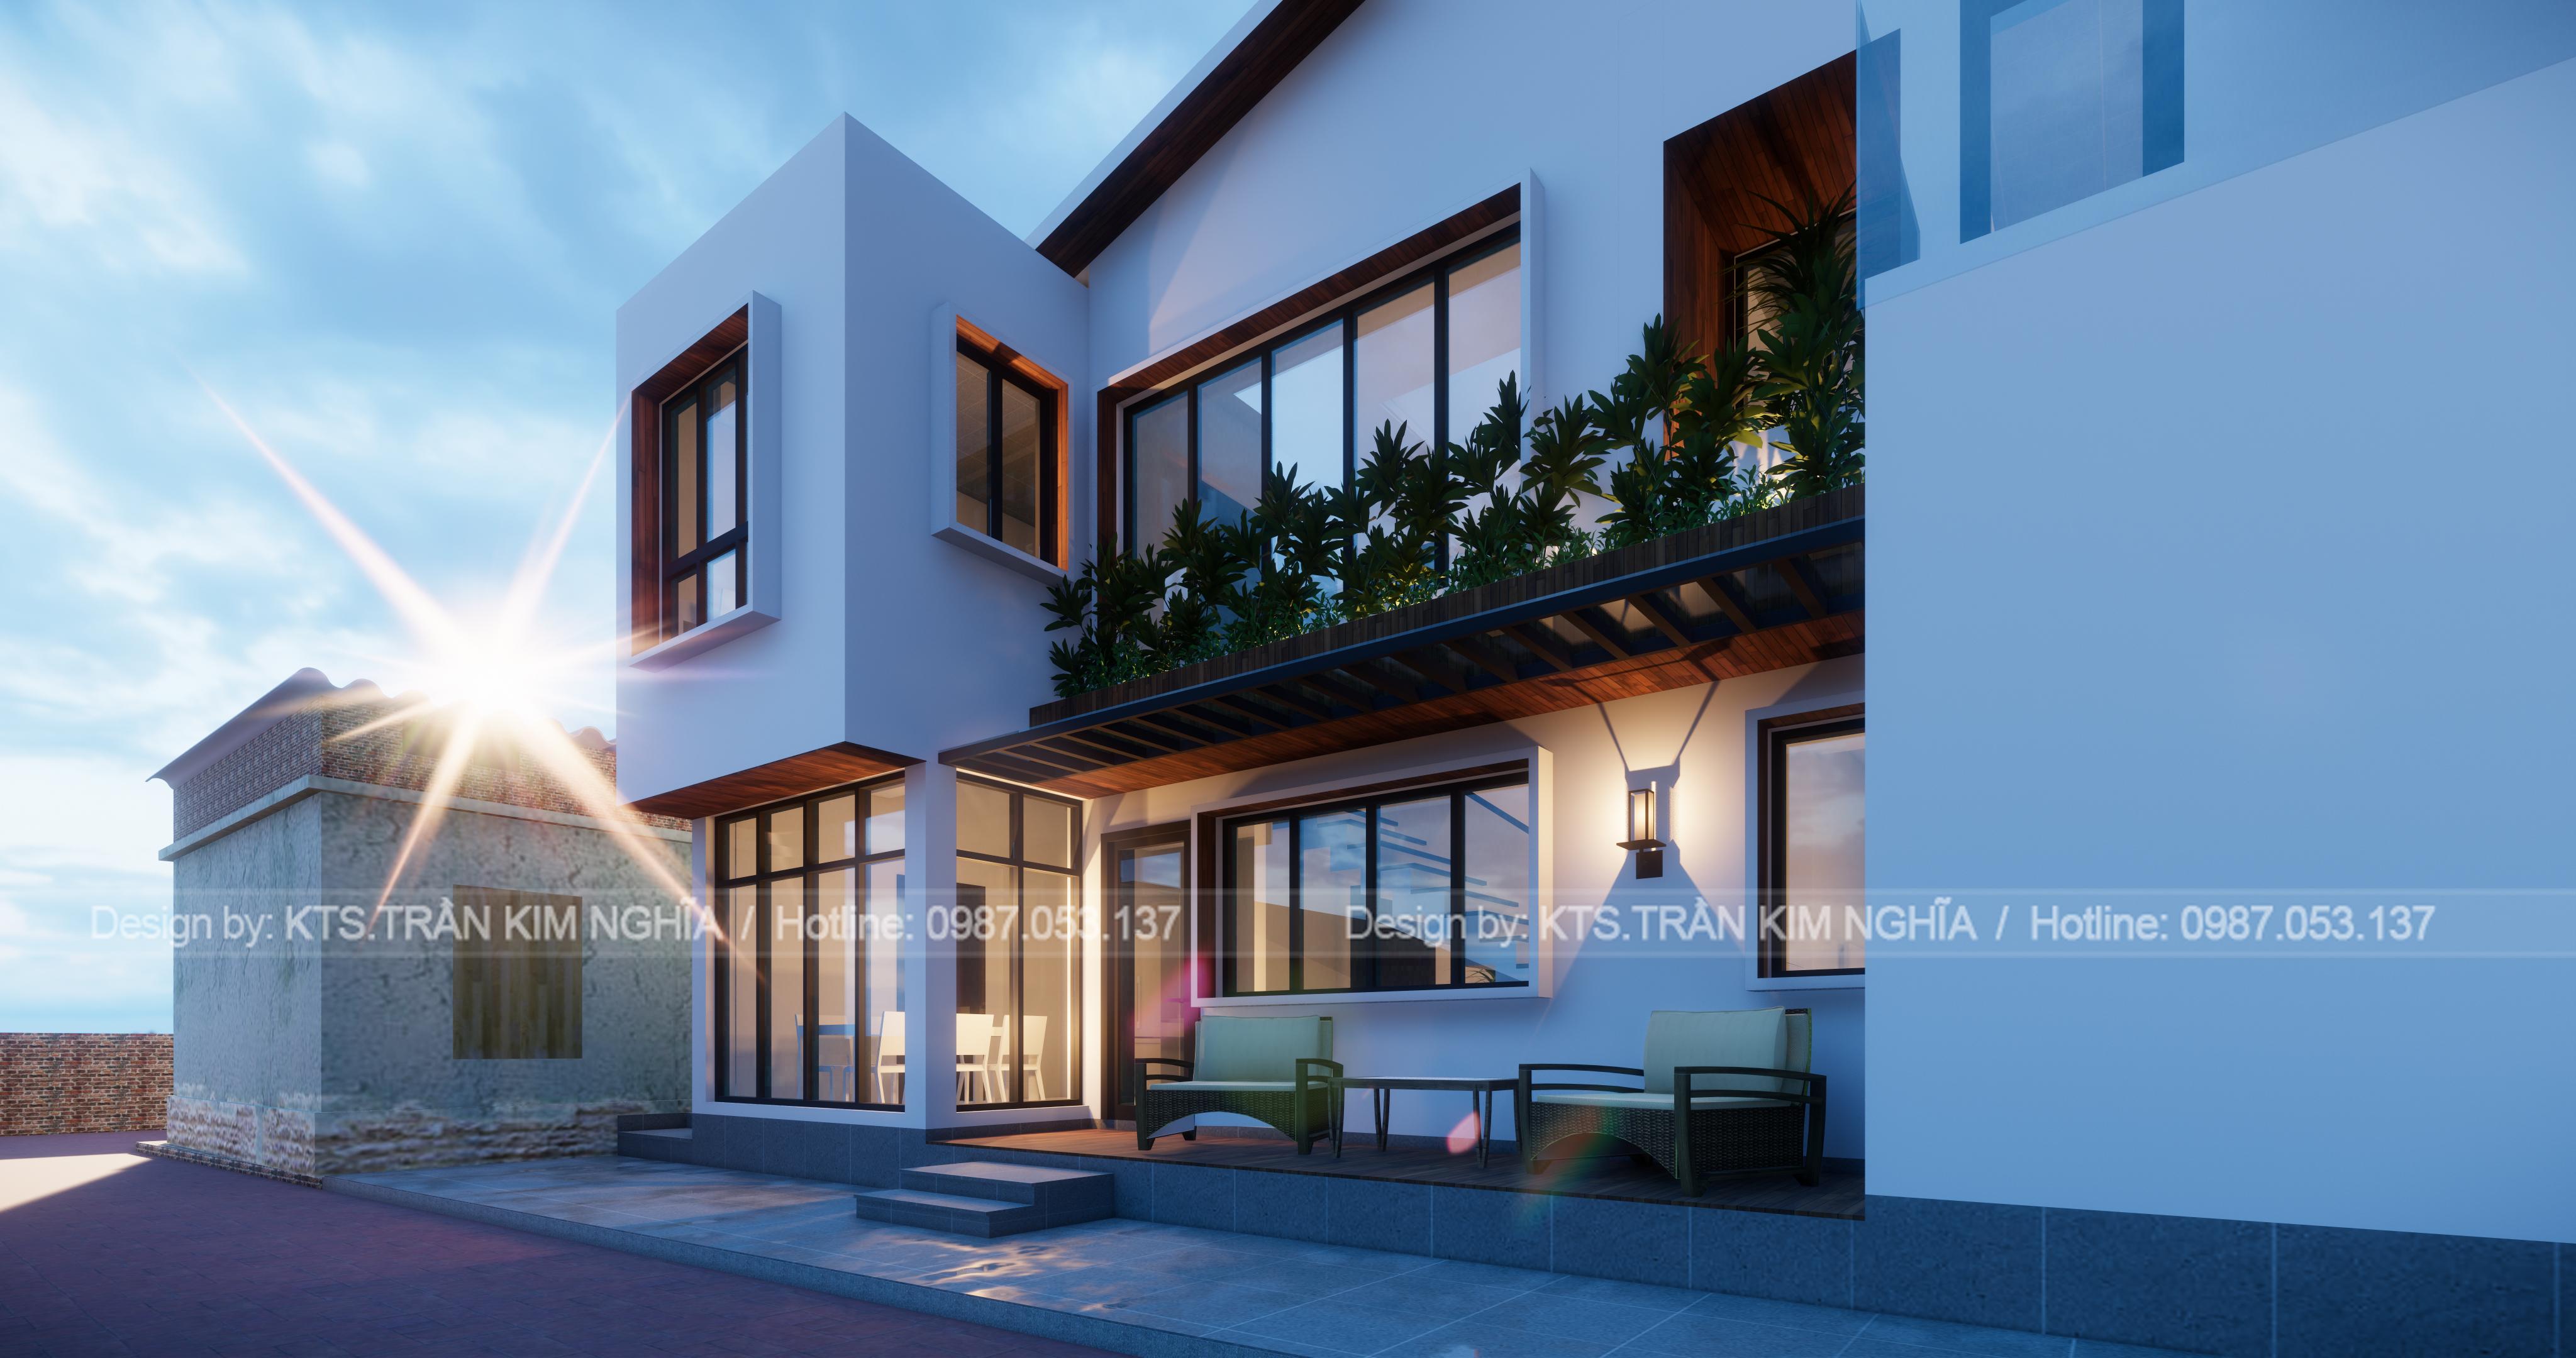 thiết kế nội thất Nhà tại Bắc Giang NAMHOUSE 2 1562404073